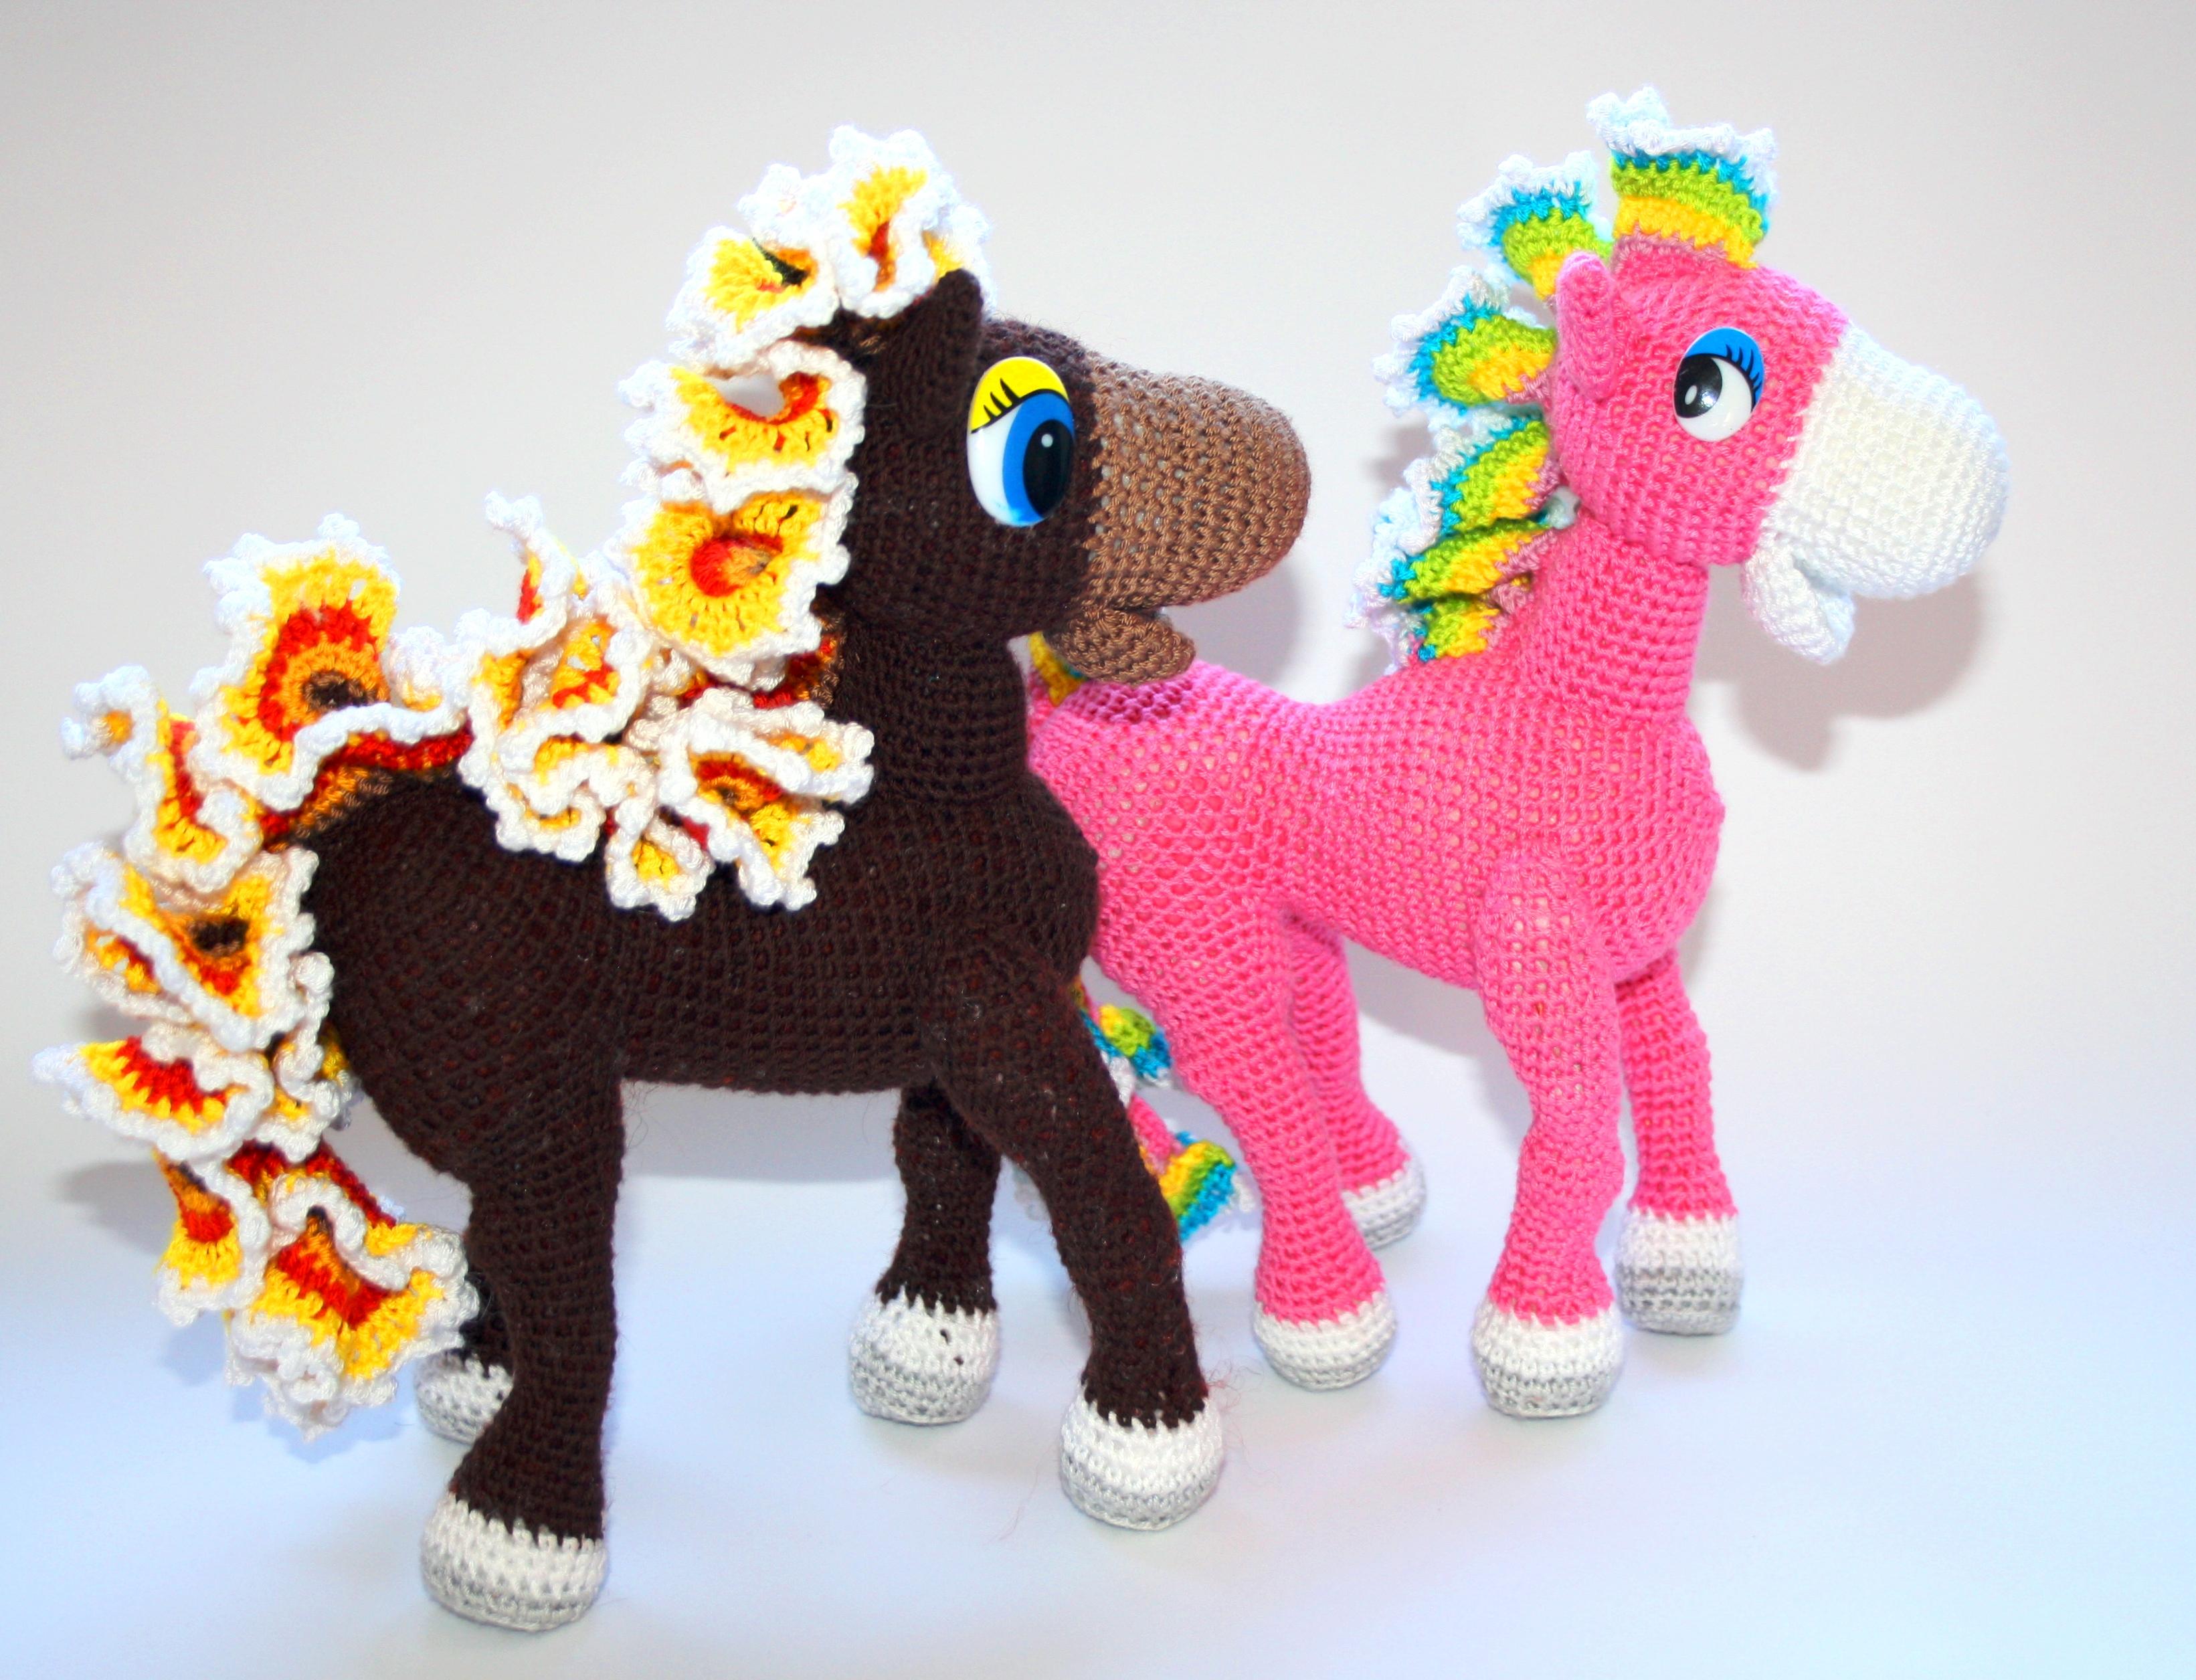 Heidi the Horse Free Amigurumi Pattern | Jess Huff | 2511x3282